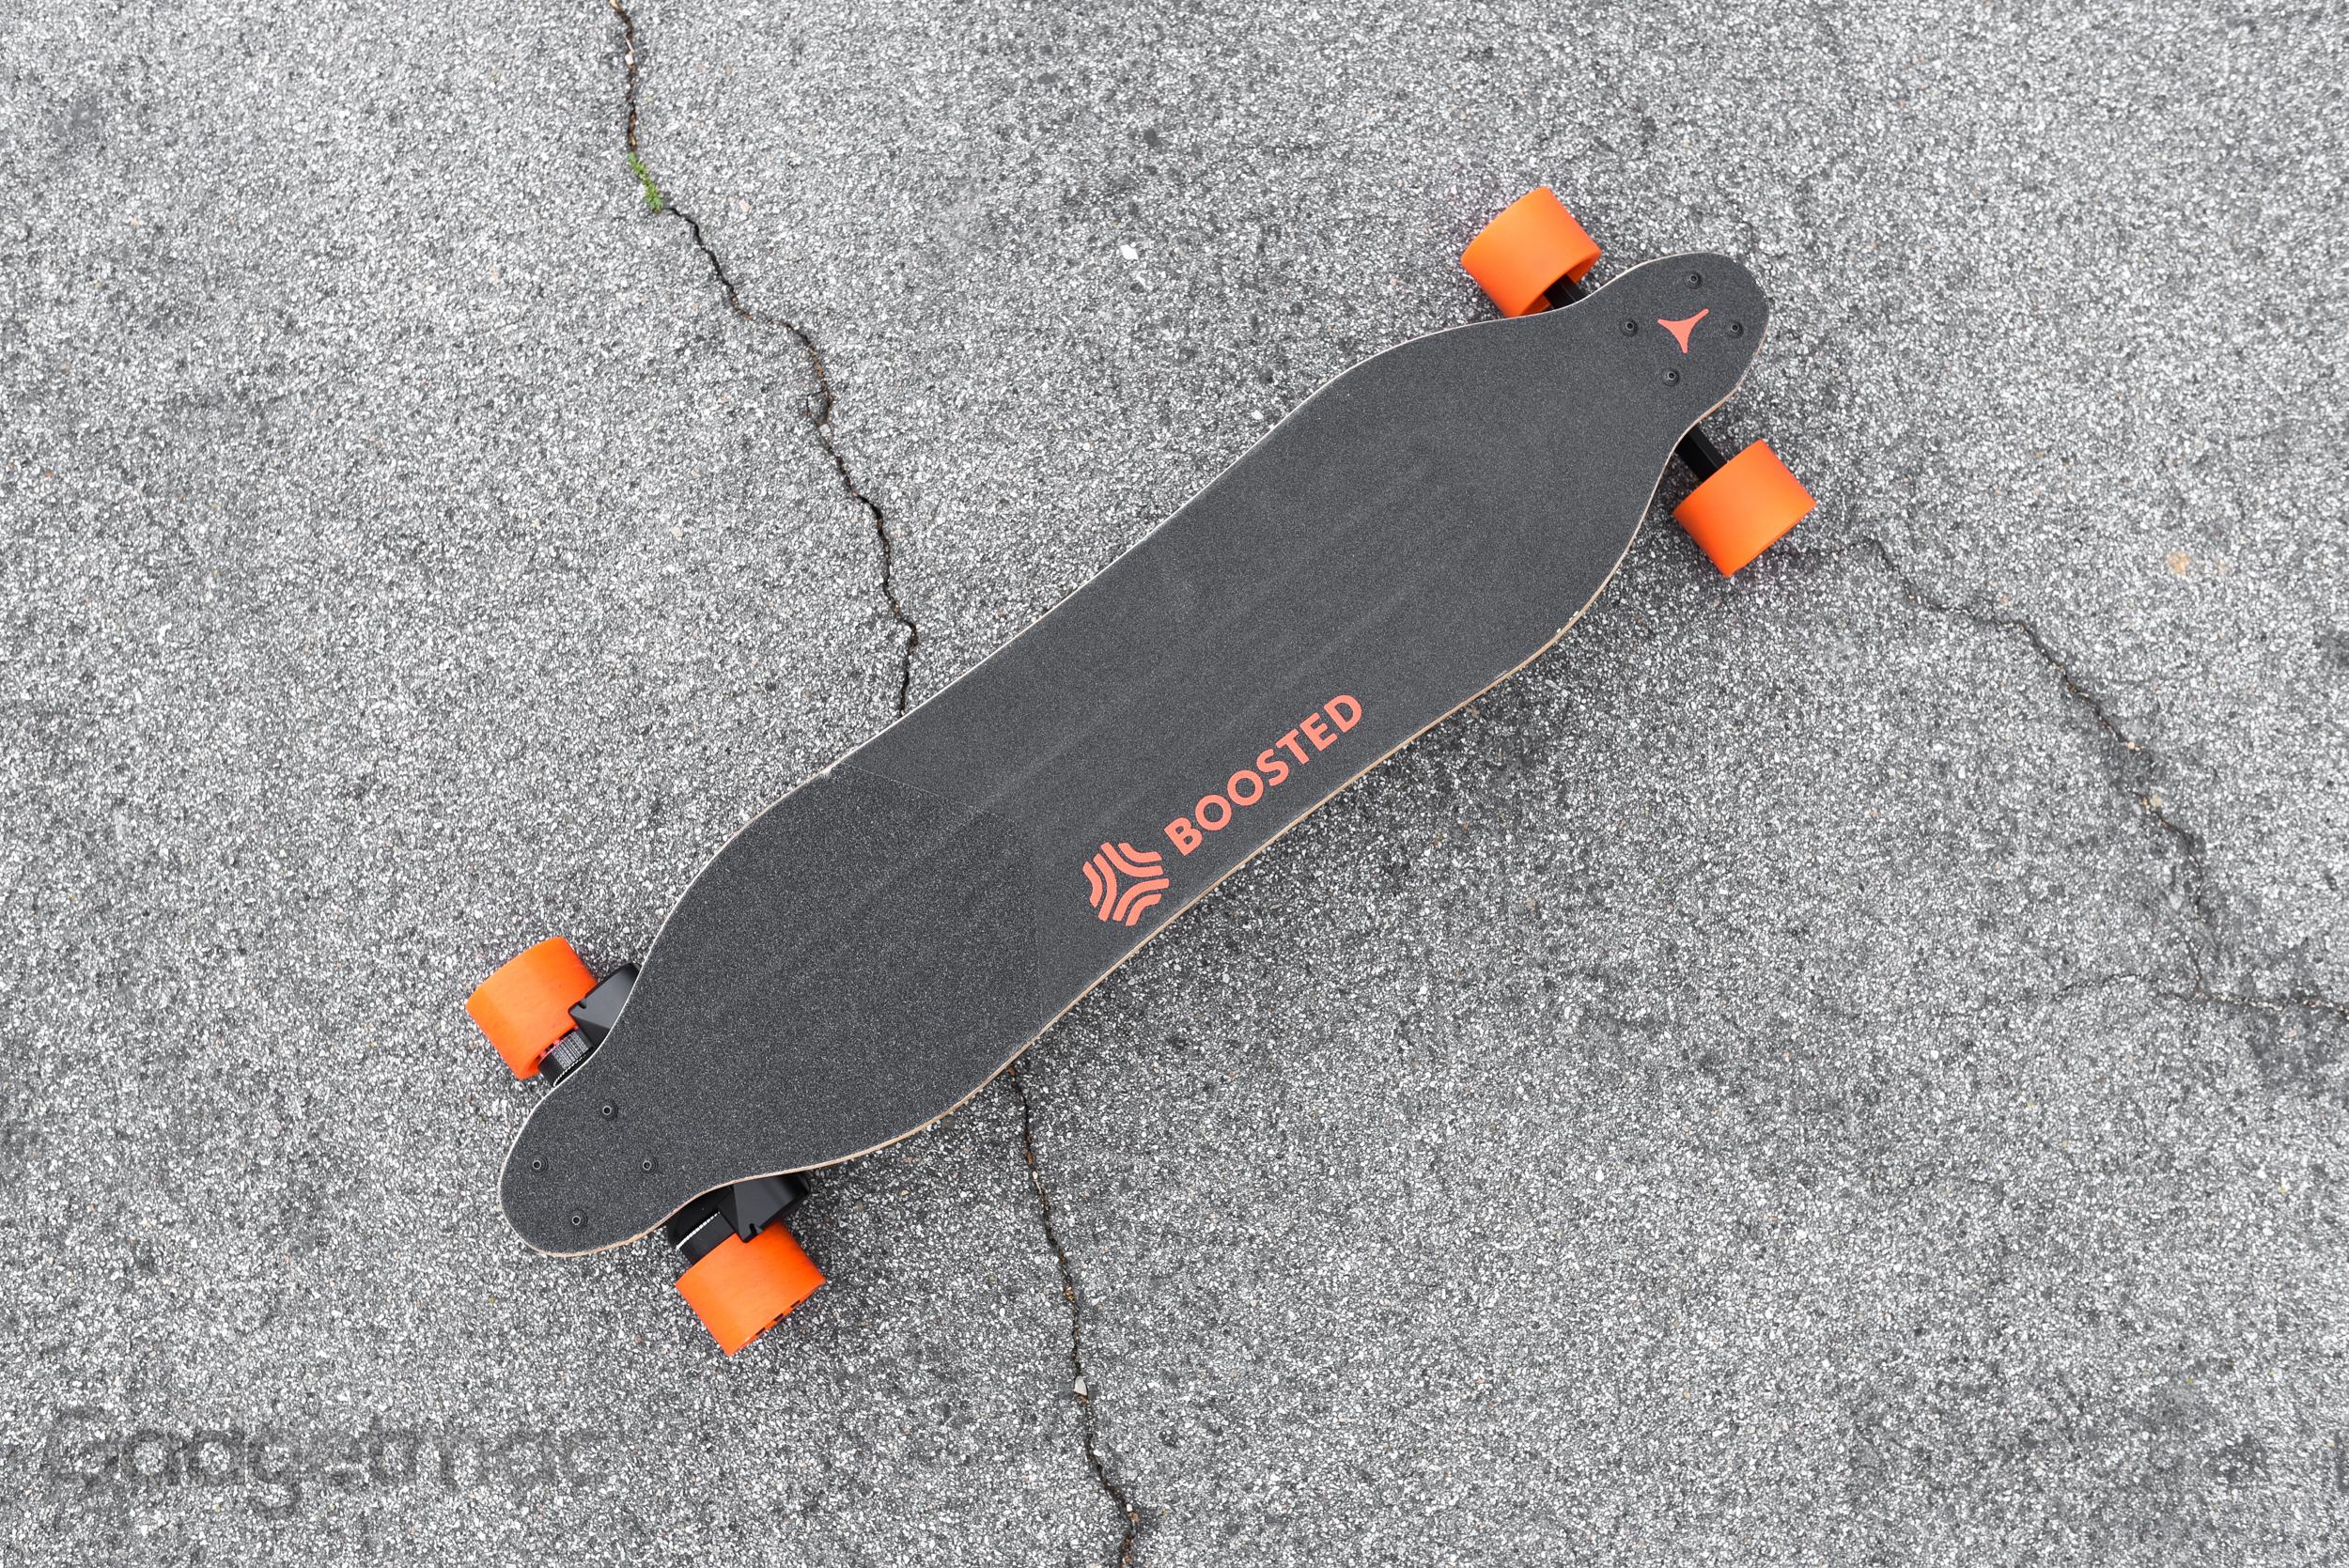 boosted_board_dual_plus_electric_longboard.jpg